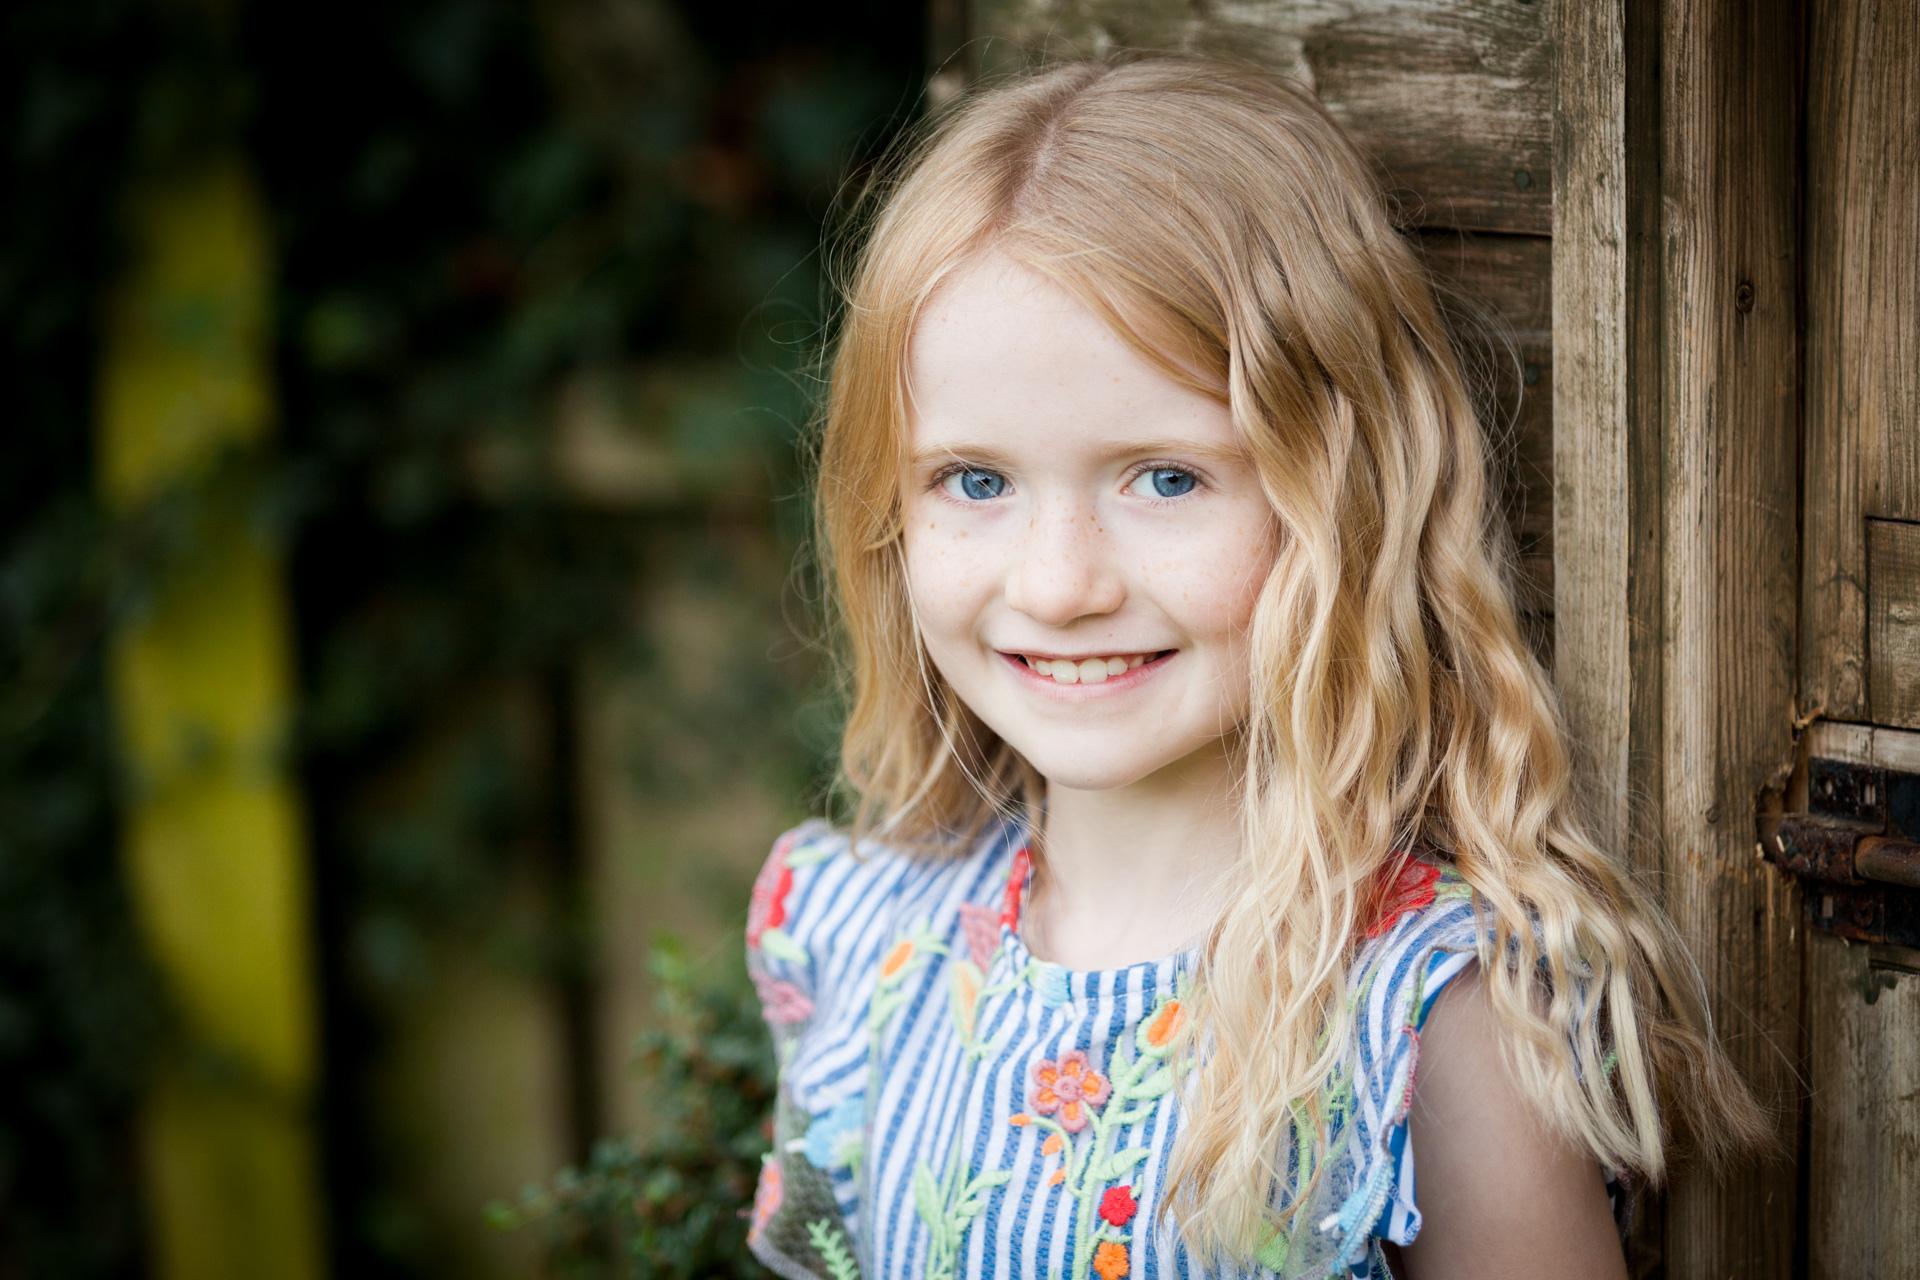 Children Photography by Ricky Parker Photography